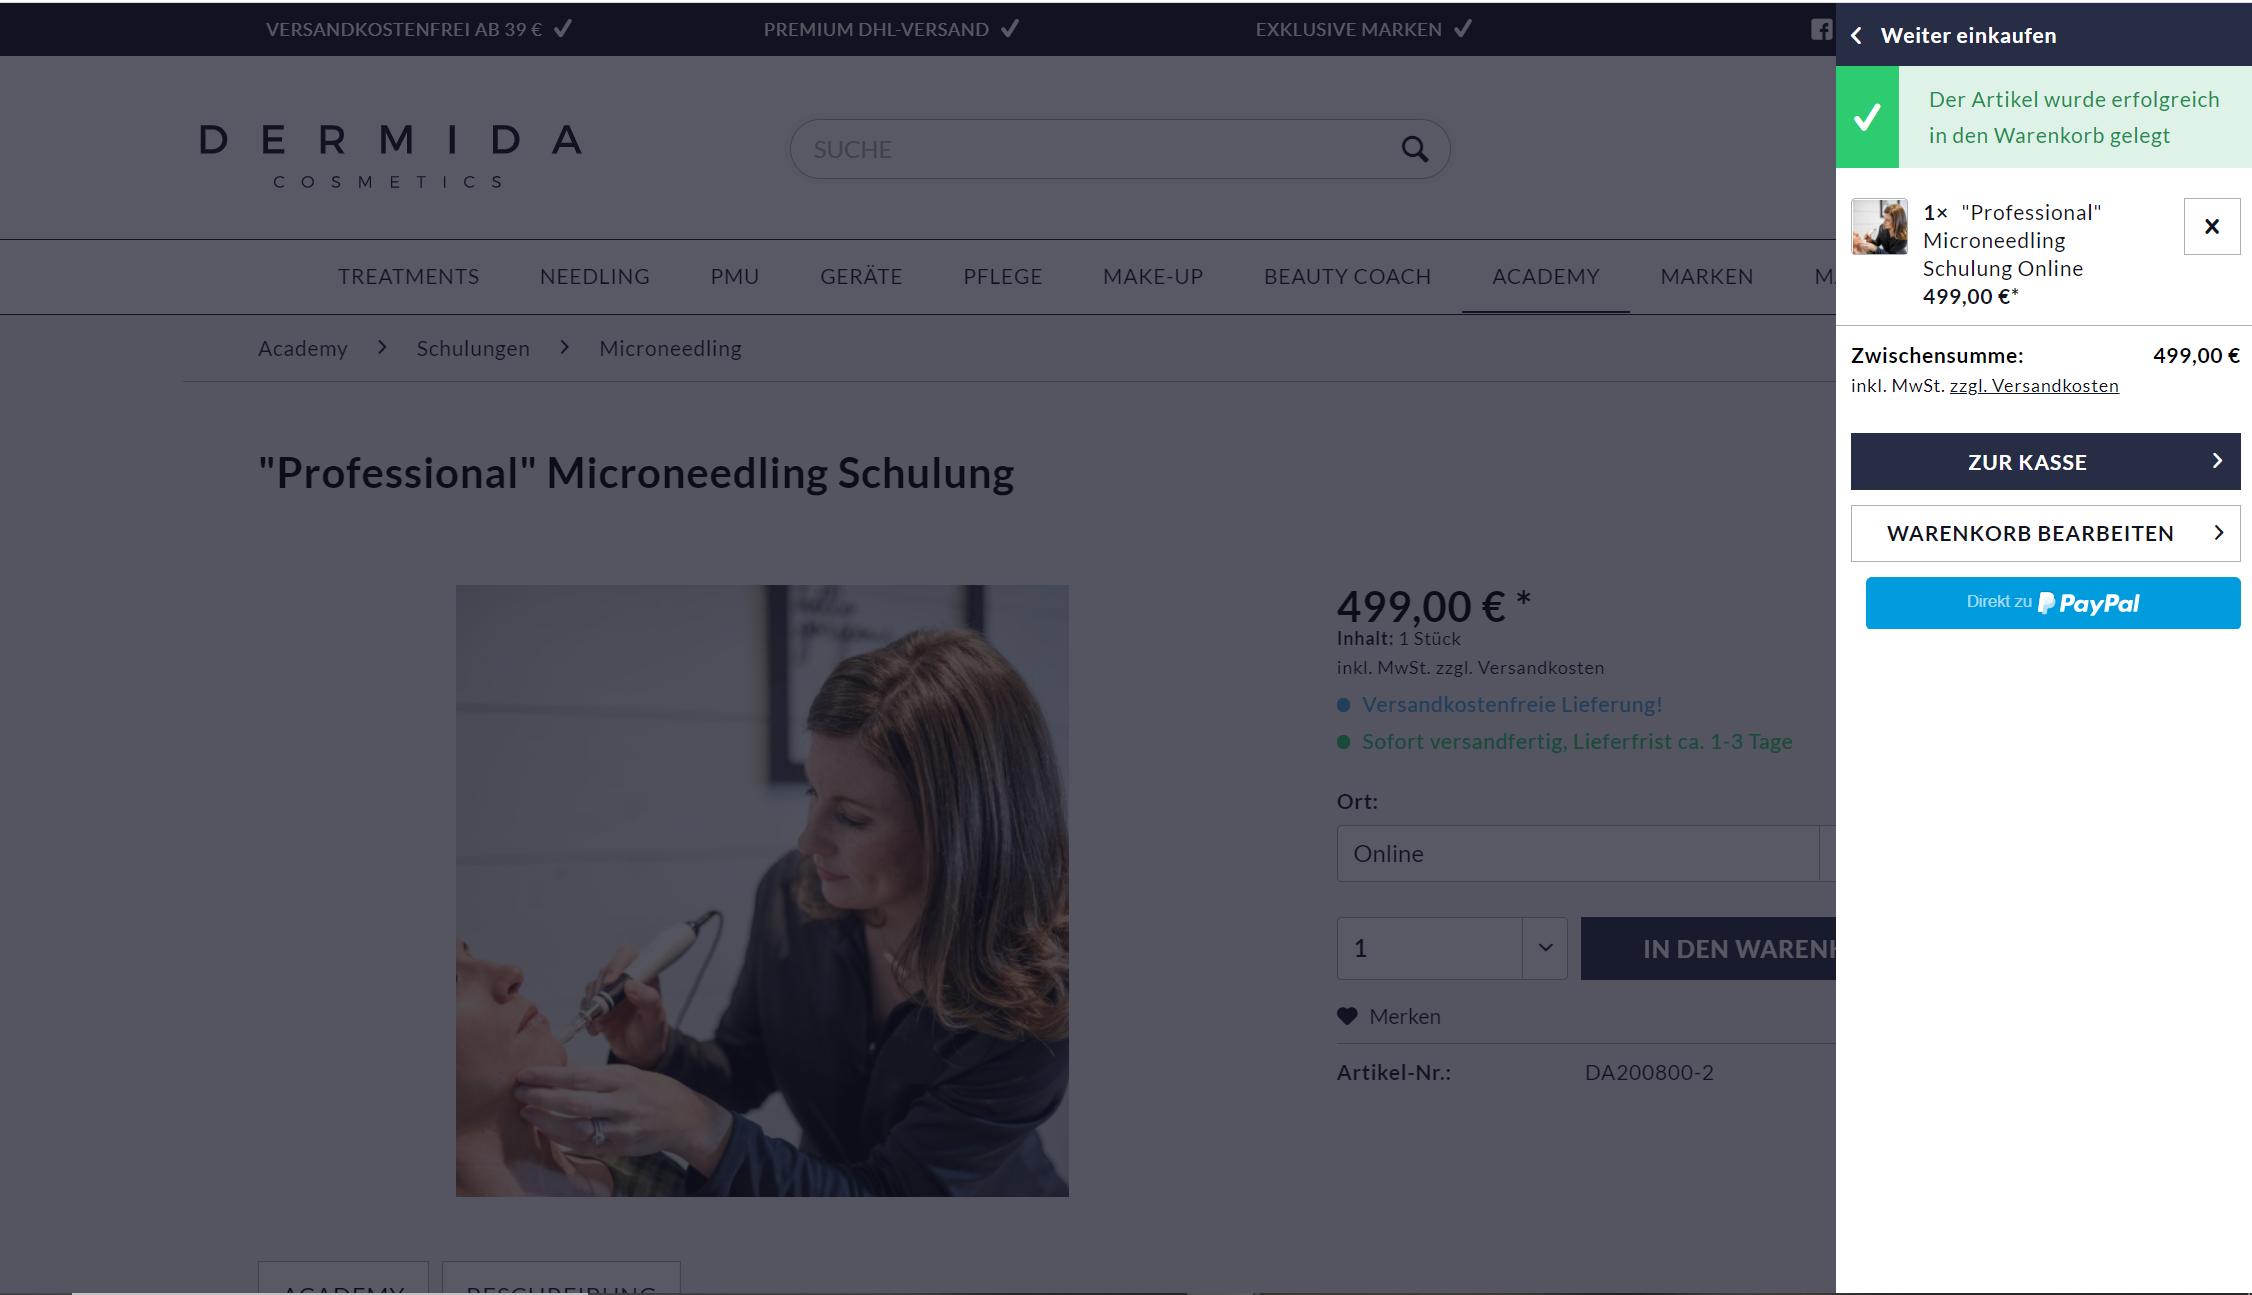 microneedling-schulung-buchen-kaufen